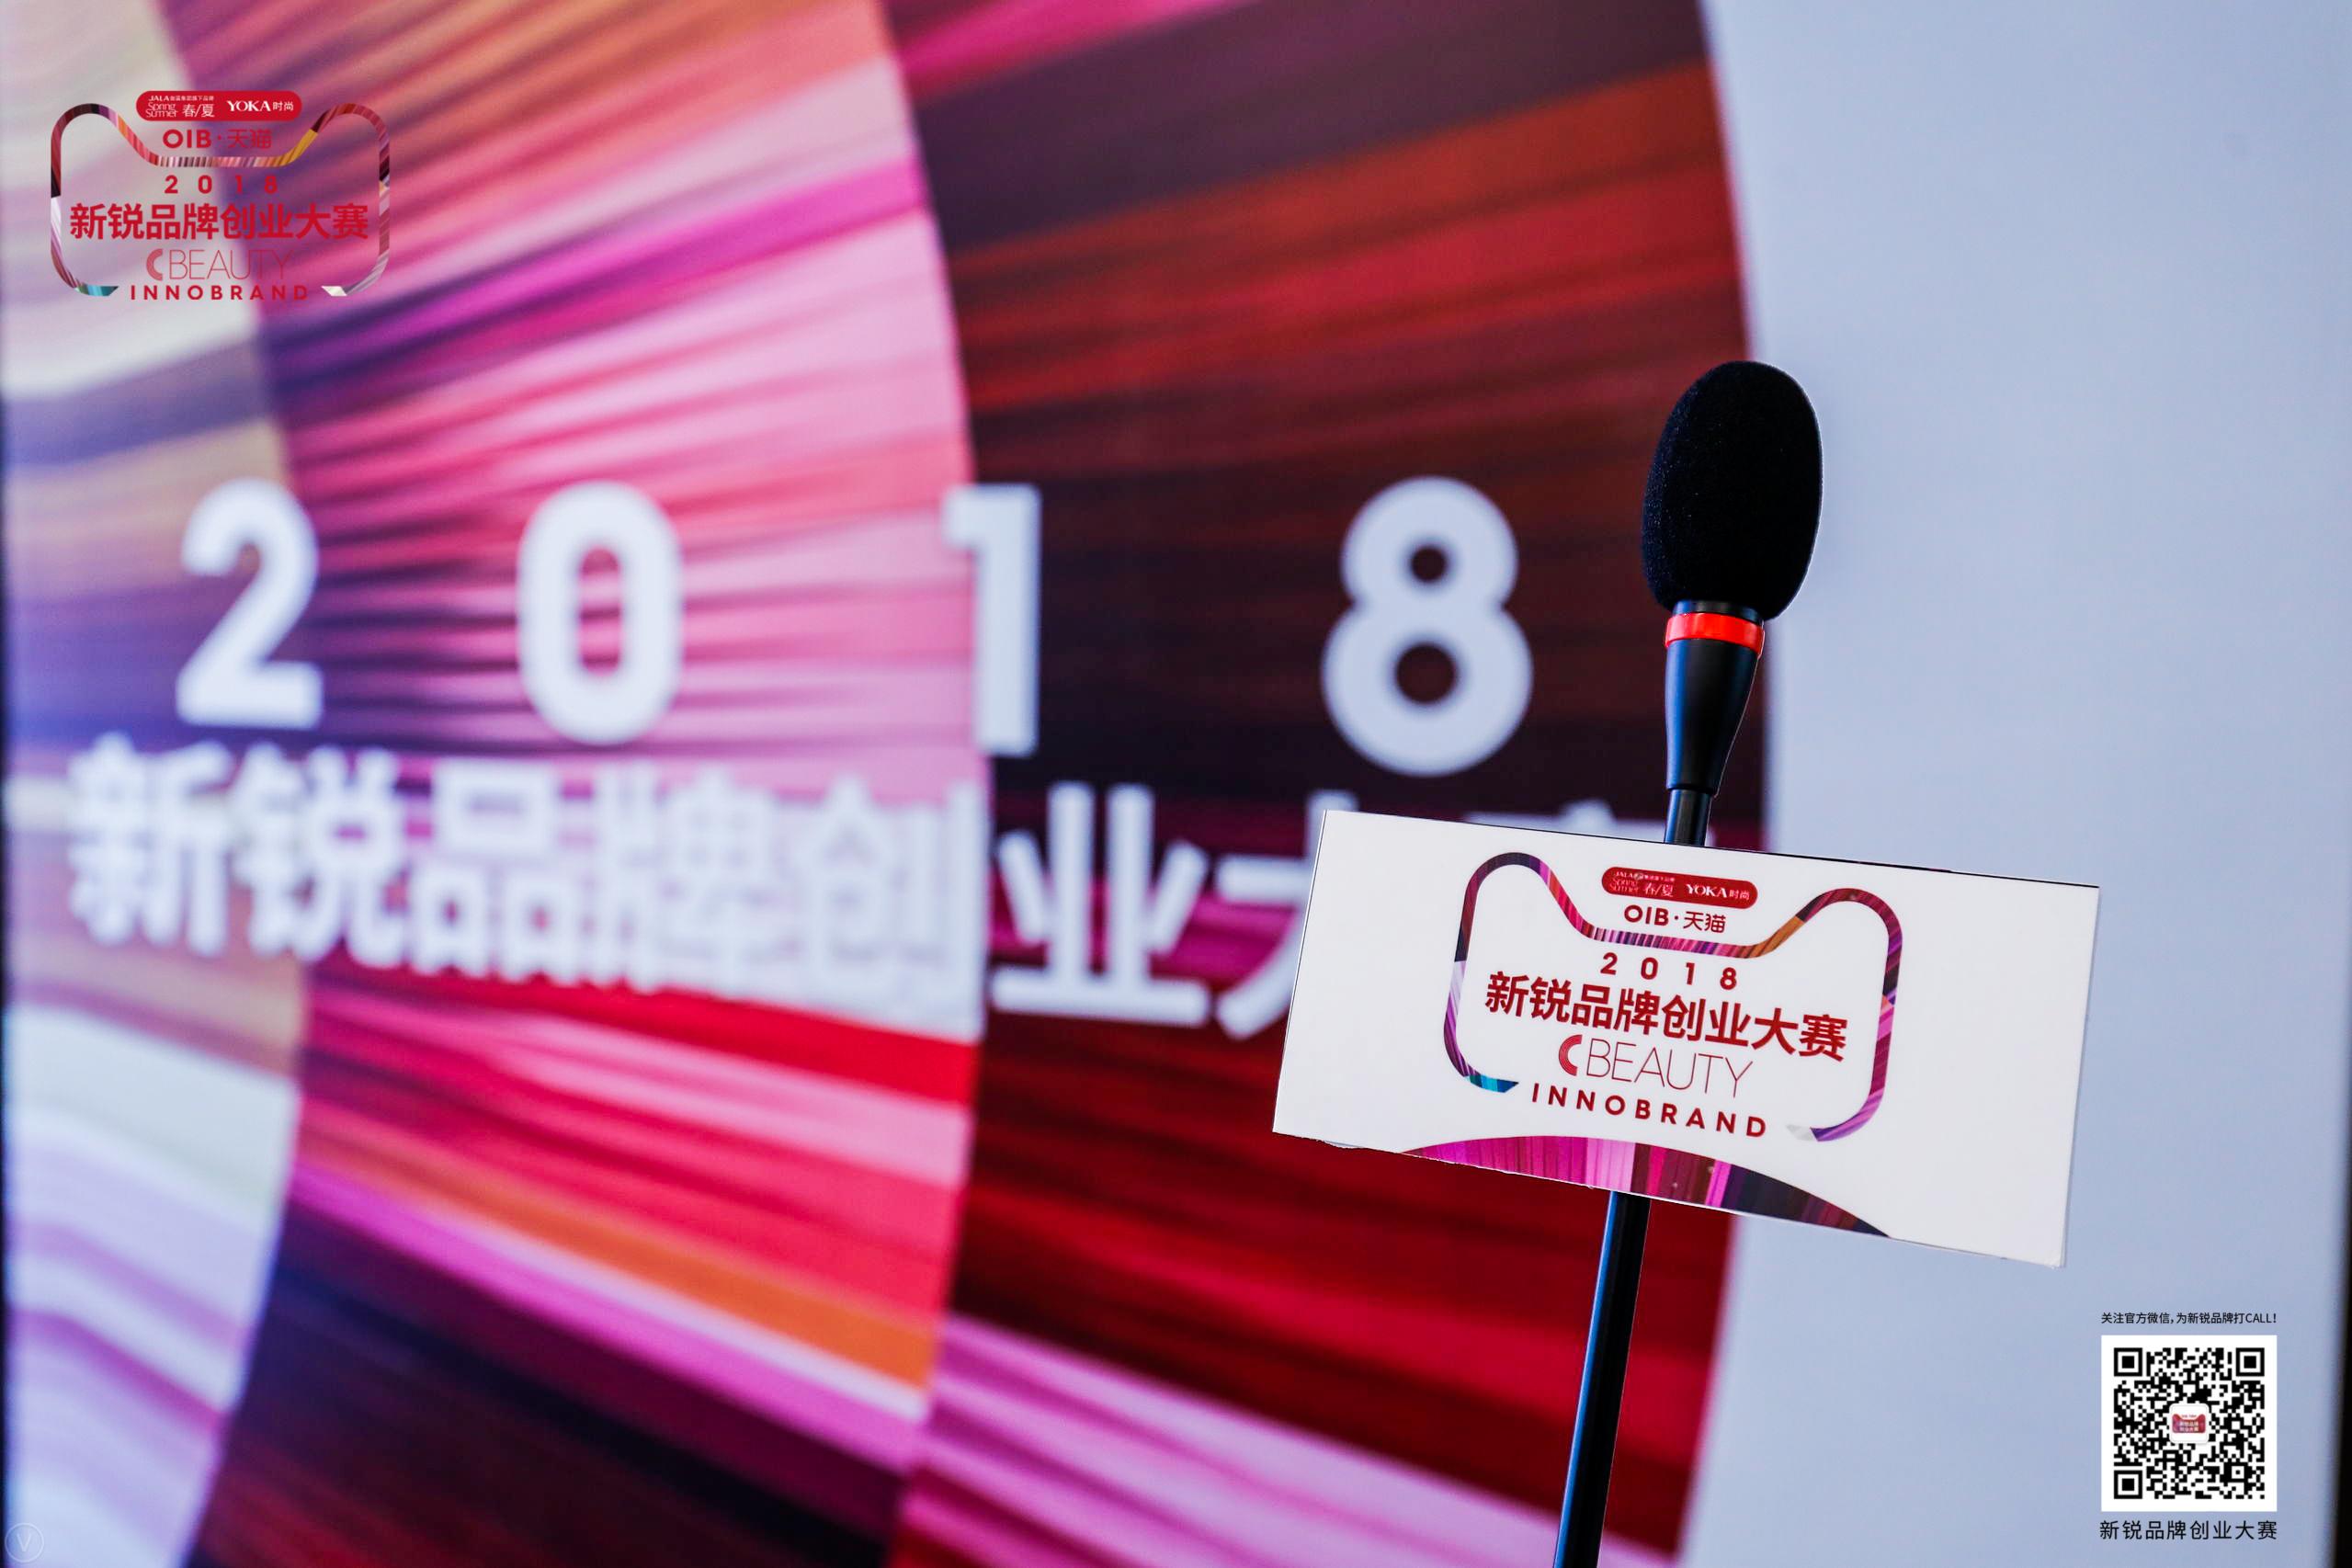 天猫新锐品牌创业大赛12强走进平博pinnacle,品牌力赋能特训up up!